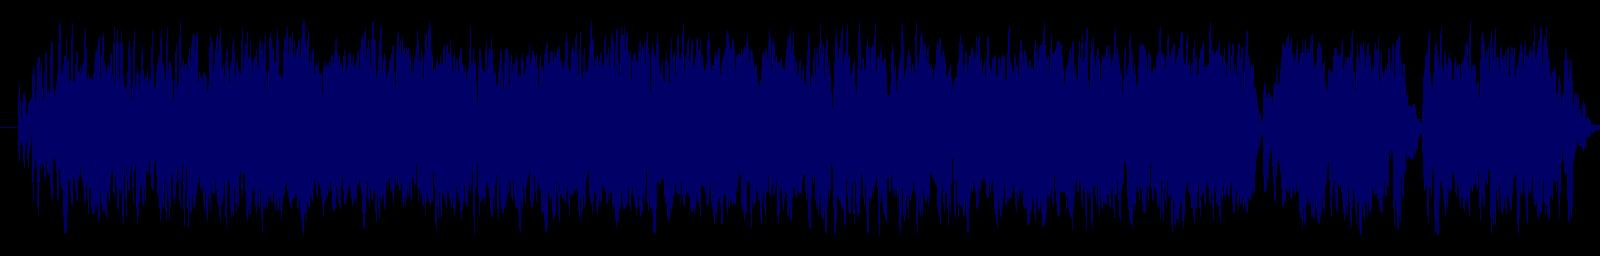 waveform of track #137389